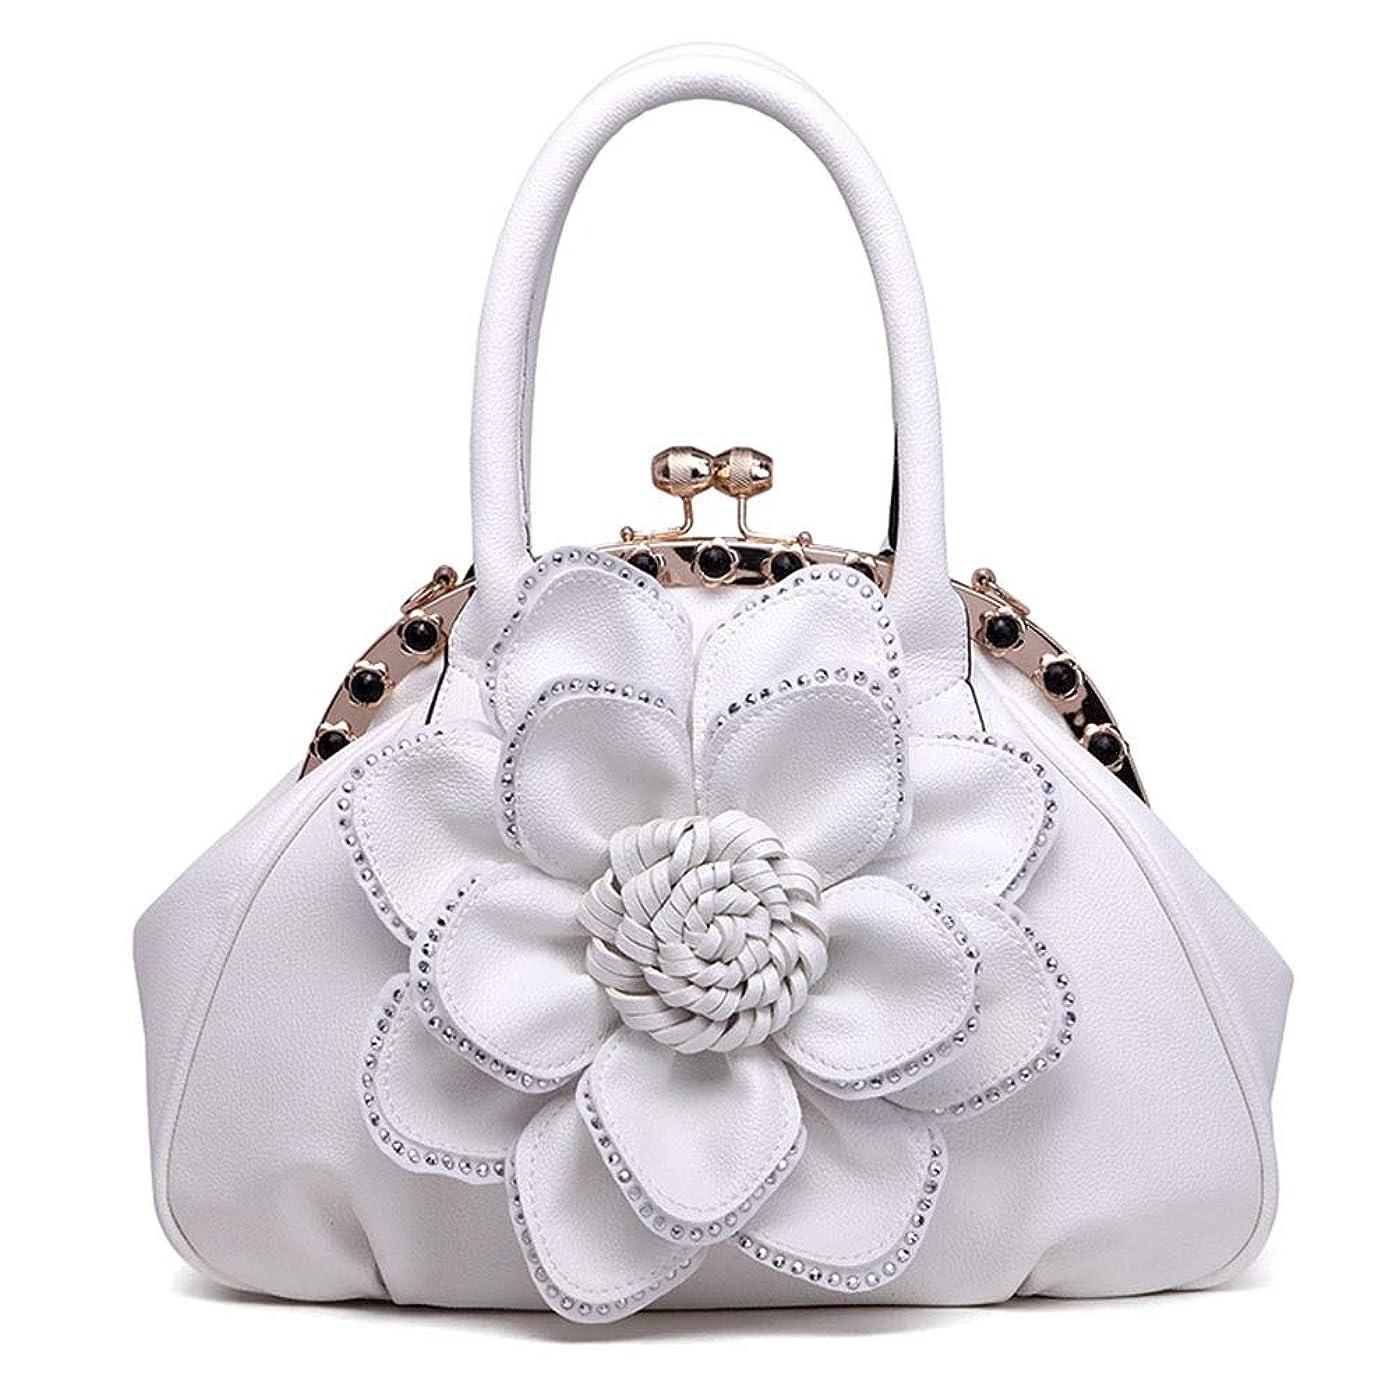 概念不満いちゃつくダイヤモンドの大きなフラワーバッグファッションショルダーバッグポータブル斜めの女性のバッグ